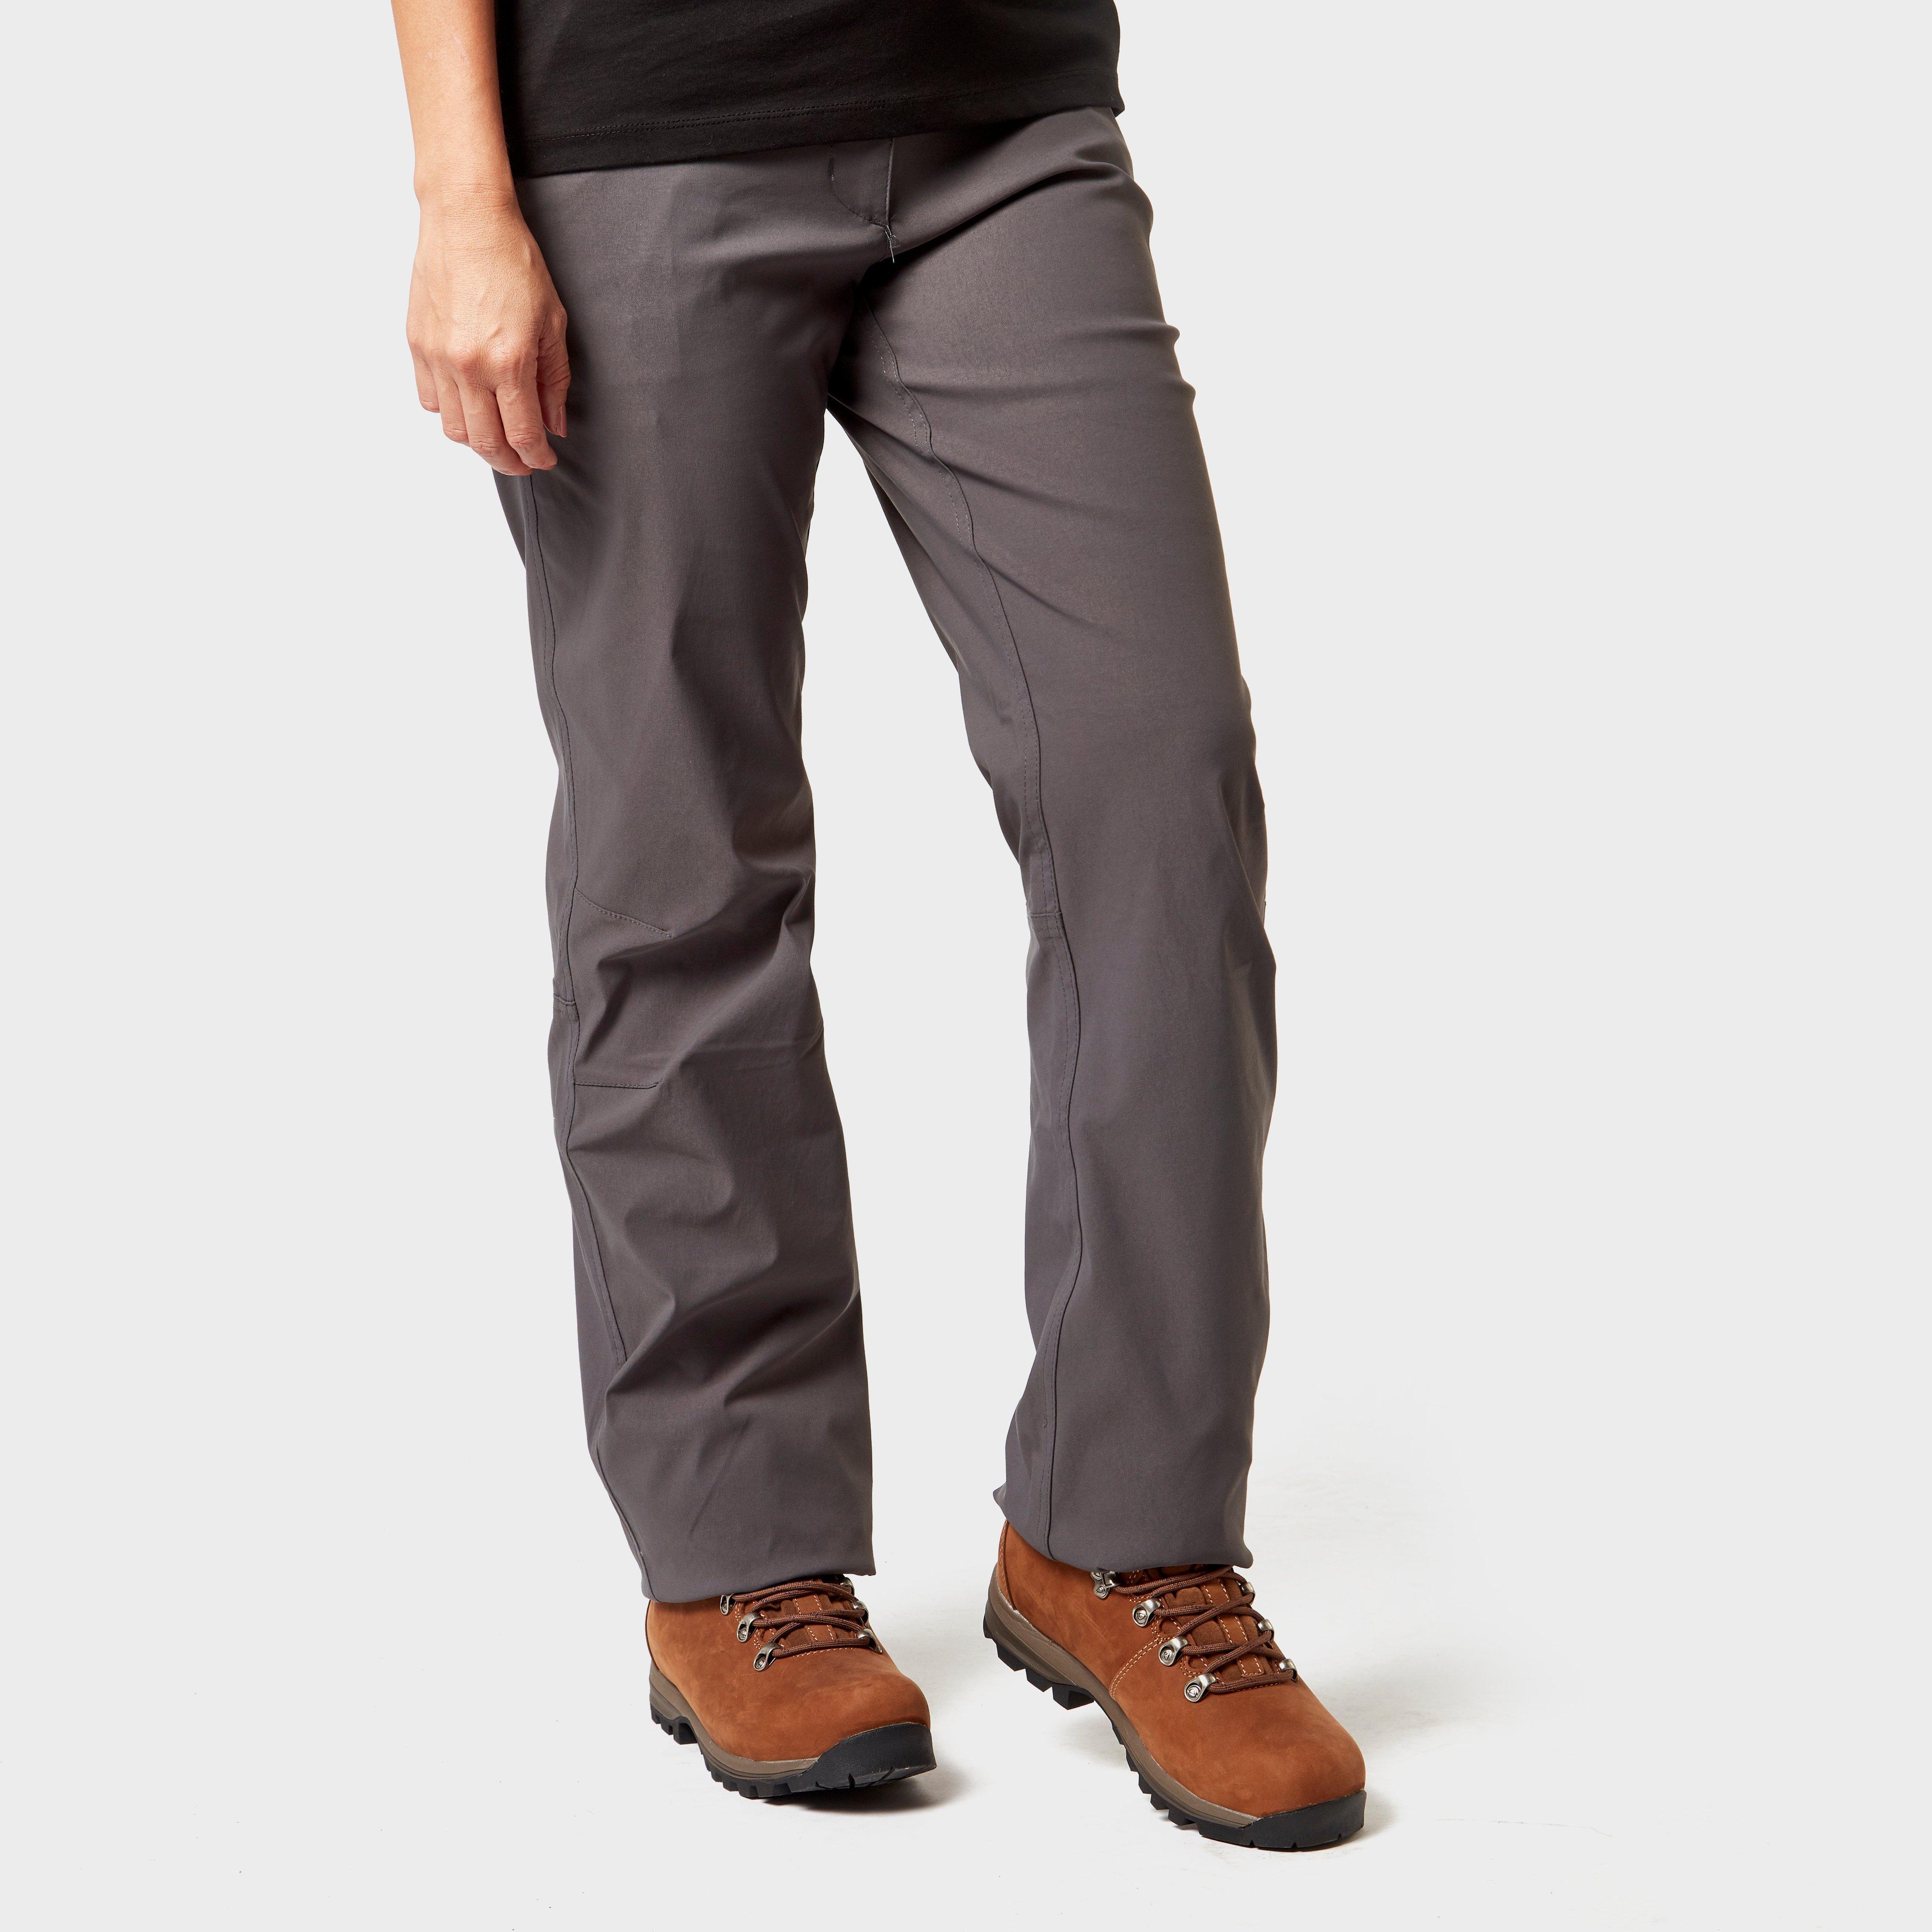 Brasher Womens Stretch Trousers - Grey  Grey